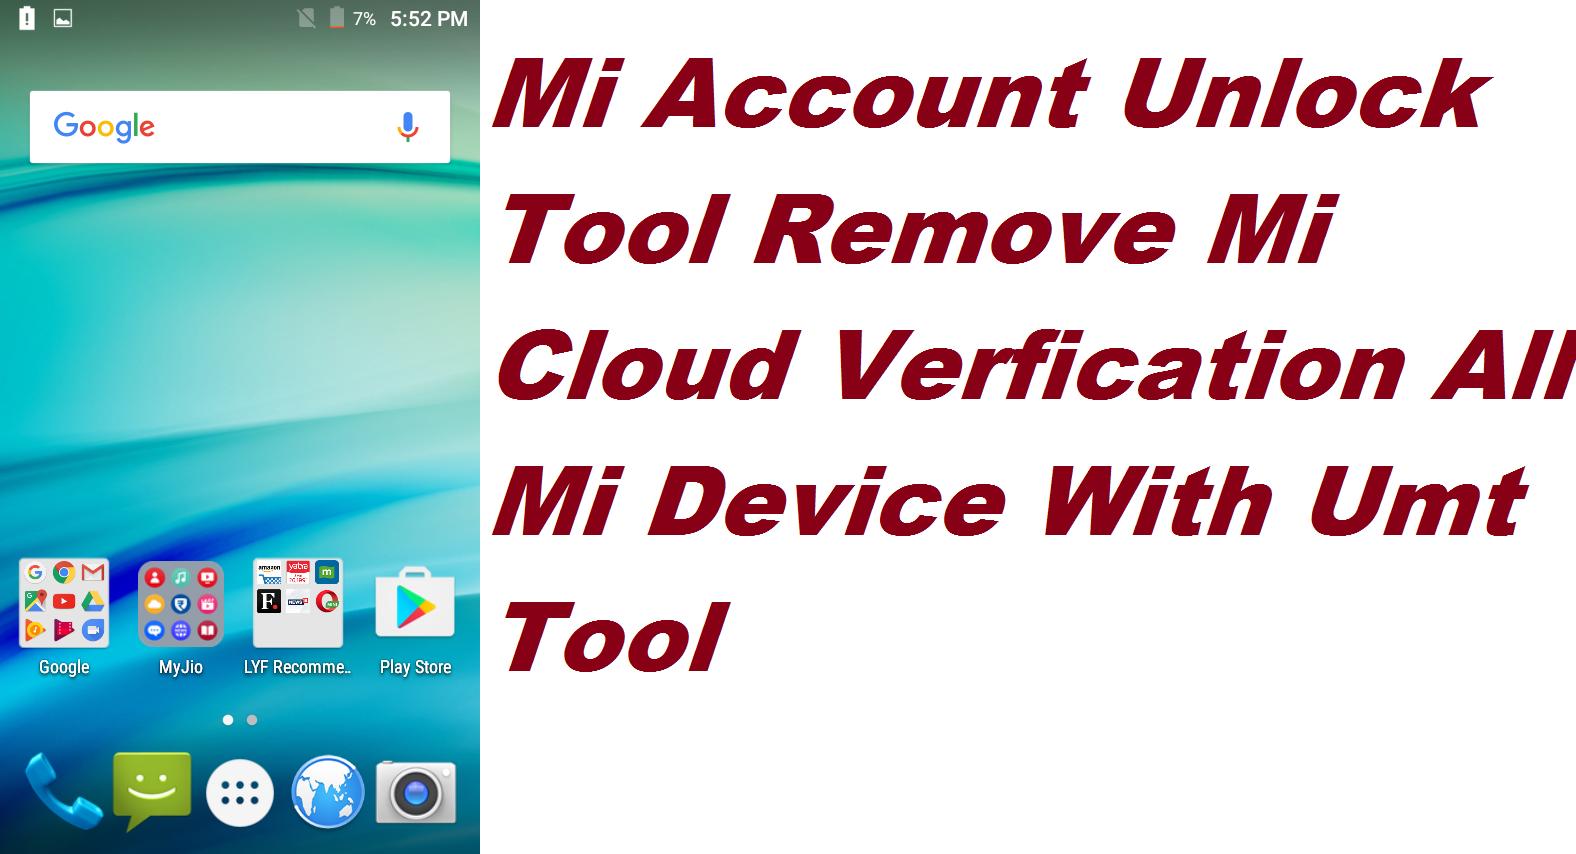 Mi Account Unlock Tool Remove Mi Cloud Verfication All Mi